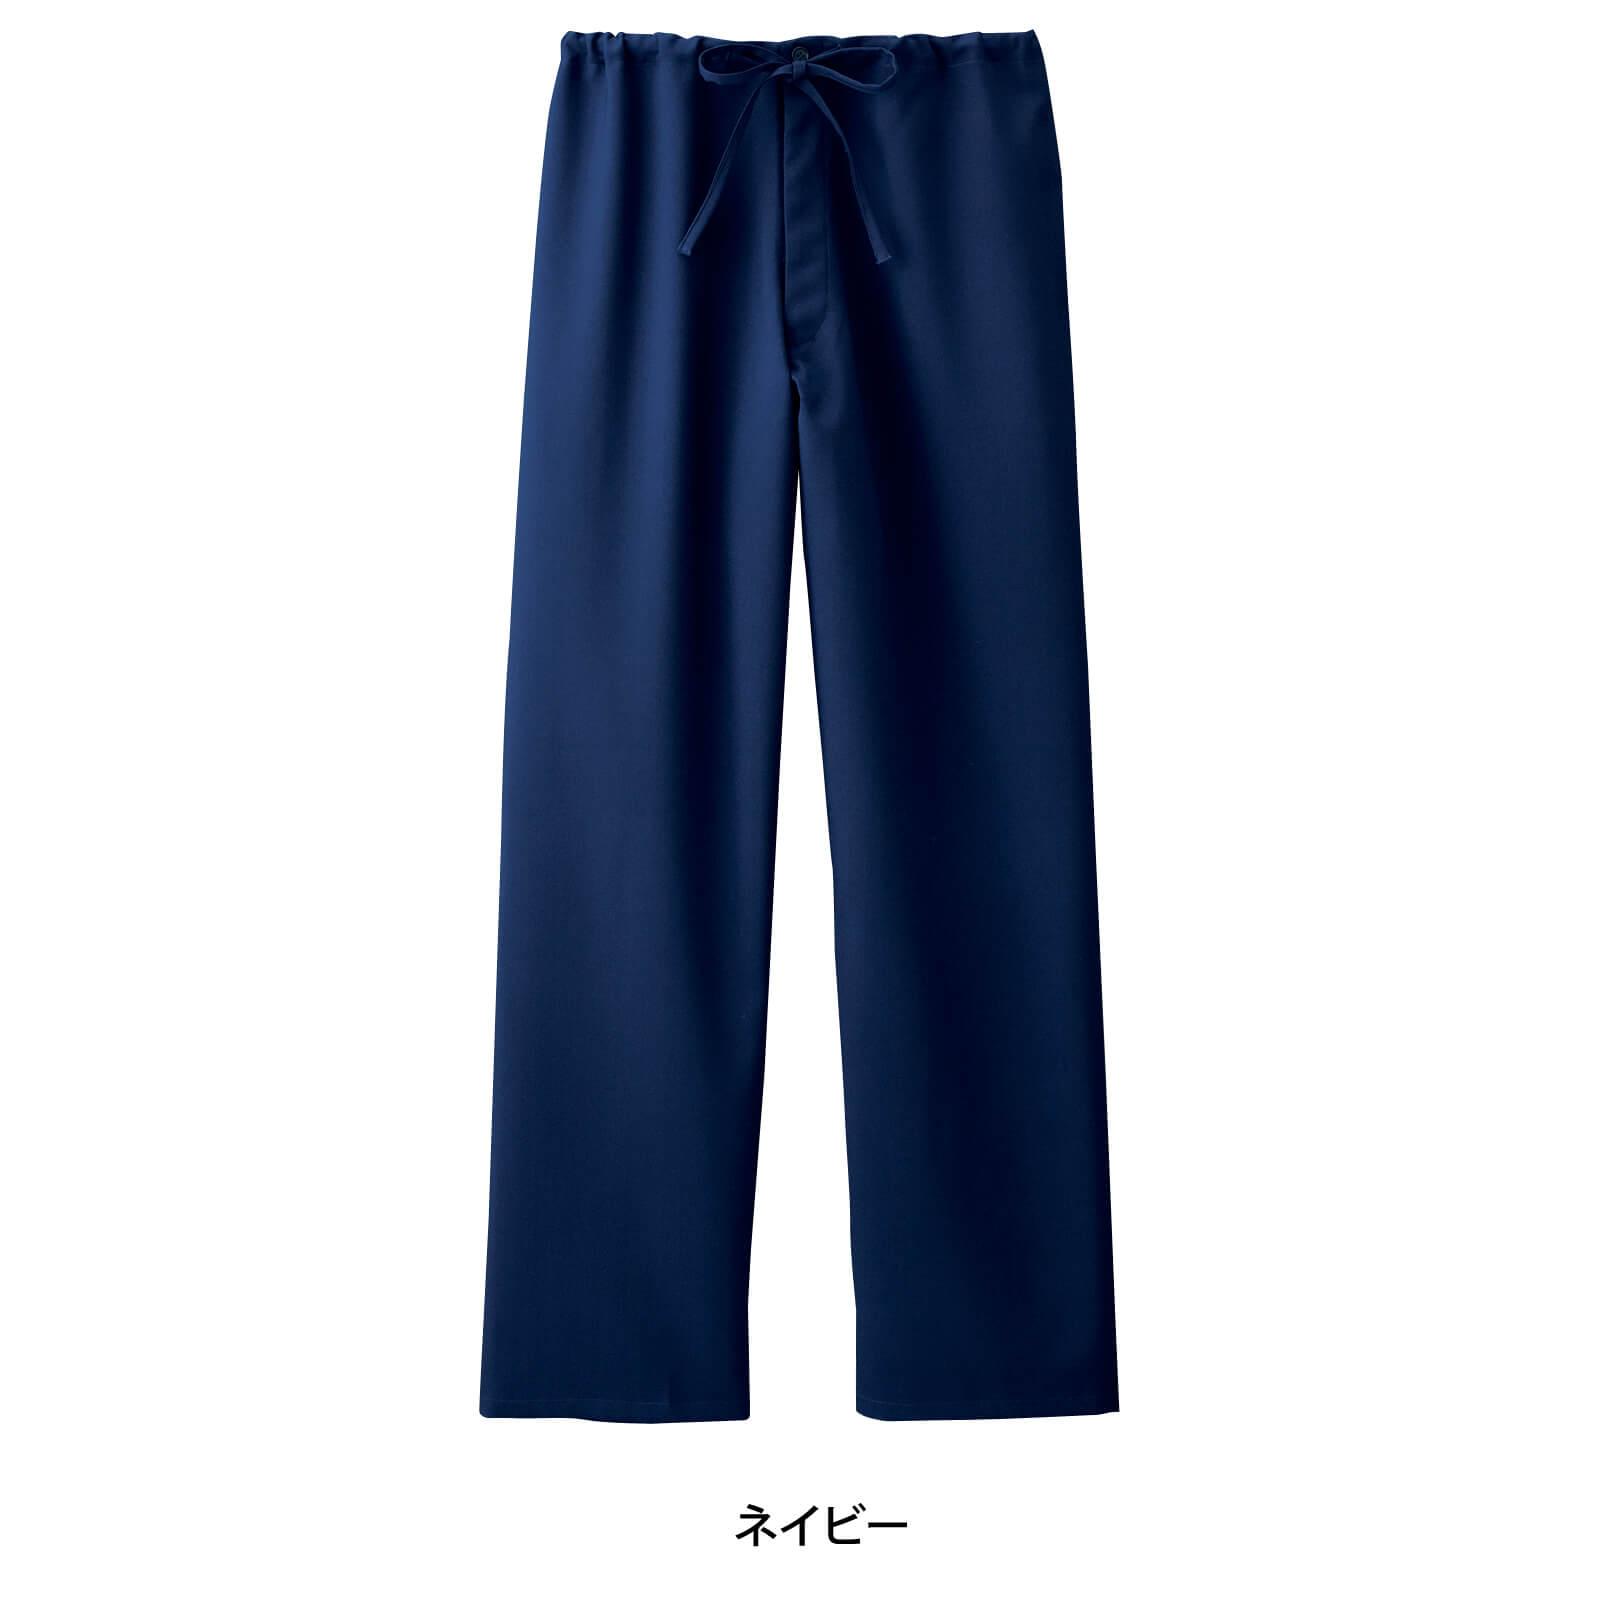 ストレッチスクラブボトム(UNI): 白衣・ナース服・ナースウェア|看護 ...